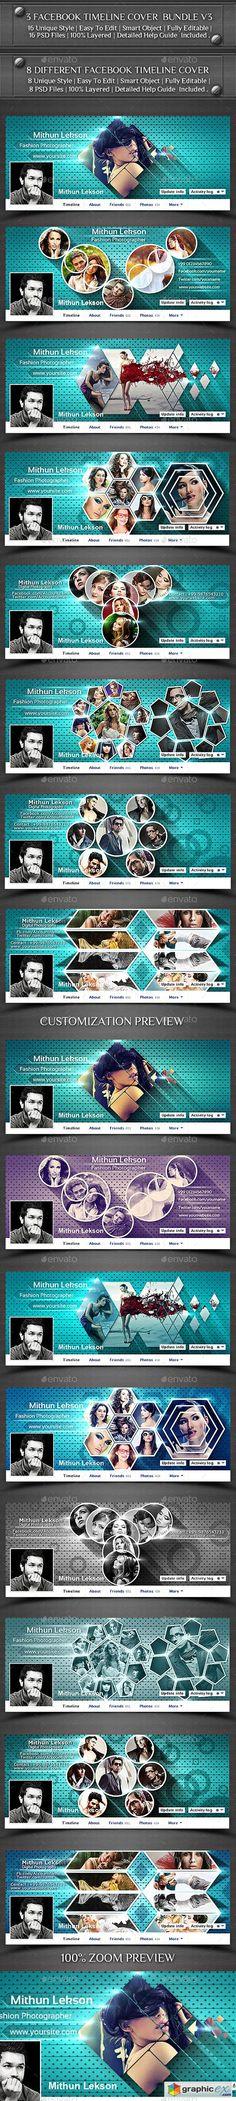 3 Facebook Timeline Cover Bundle V3